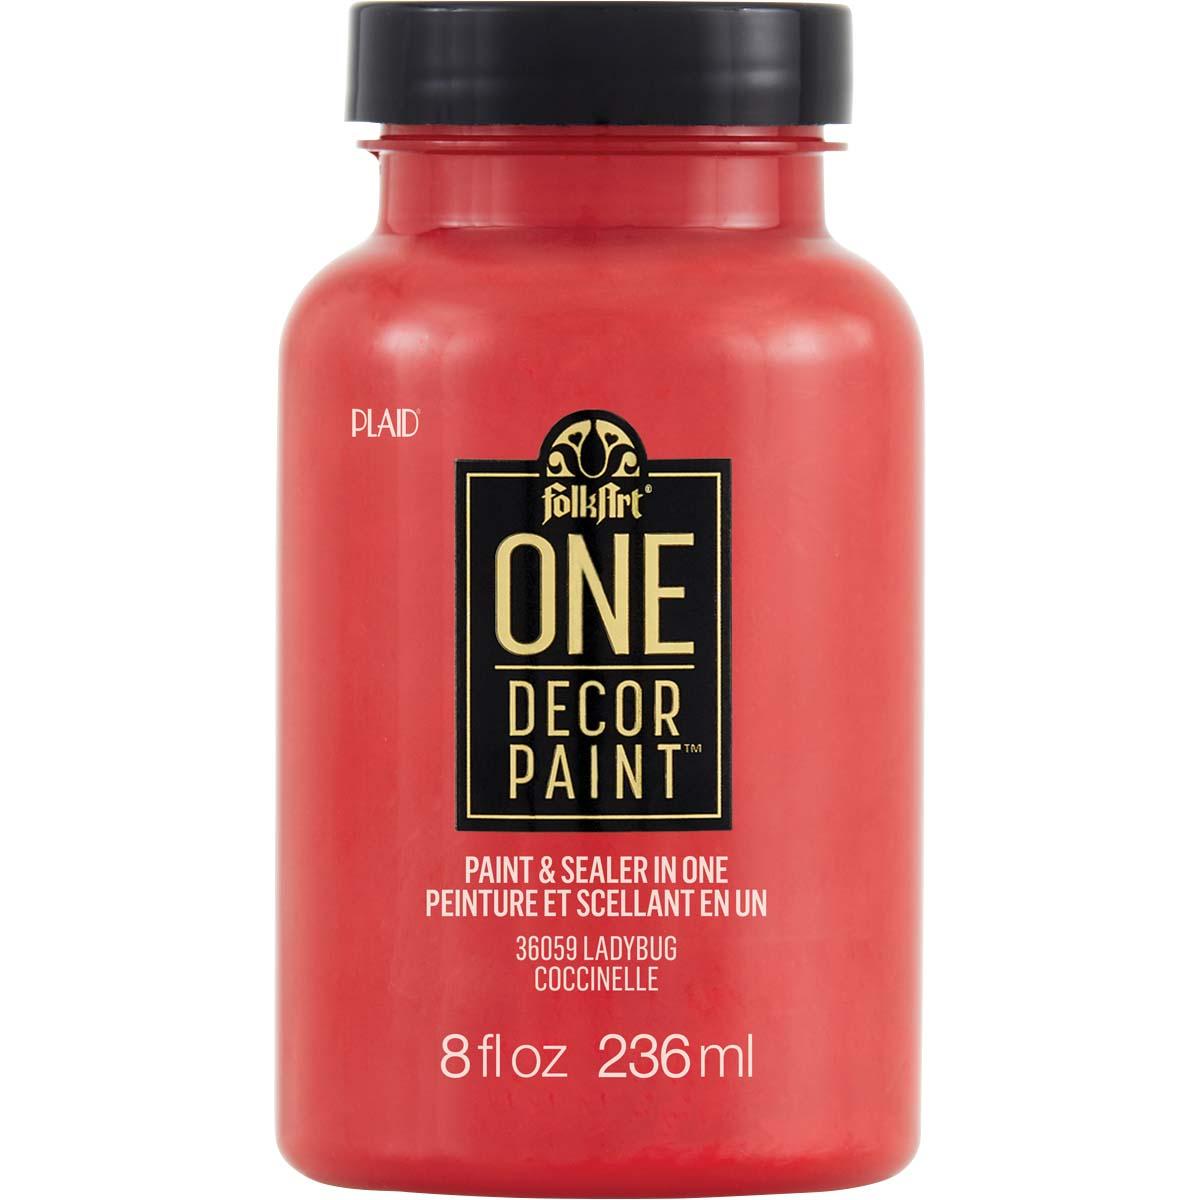 FolkArt ® One Décor Paint™ - Ladybug, 8 oz. - 36059